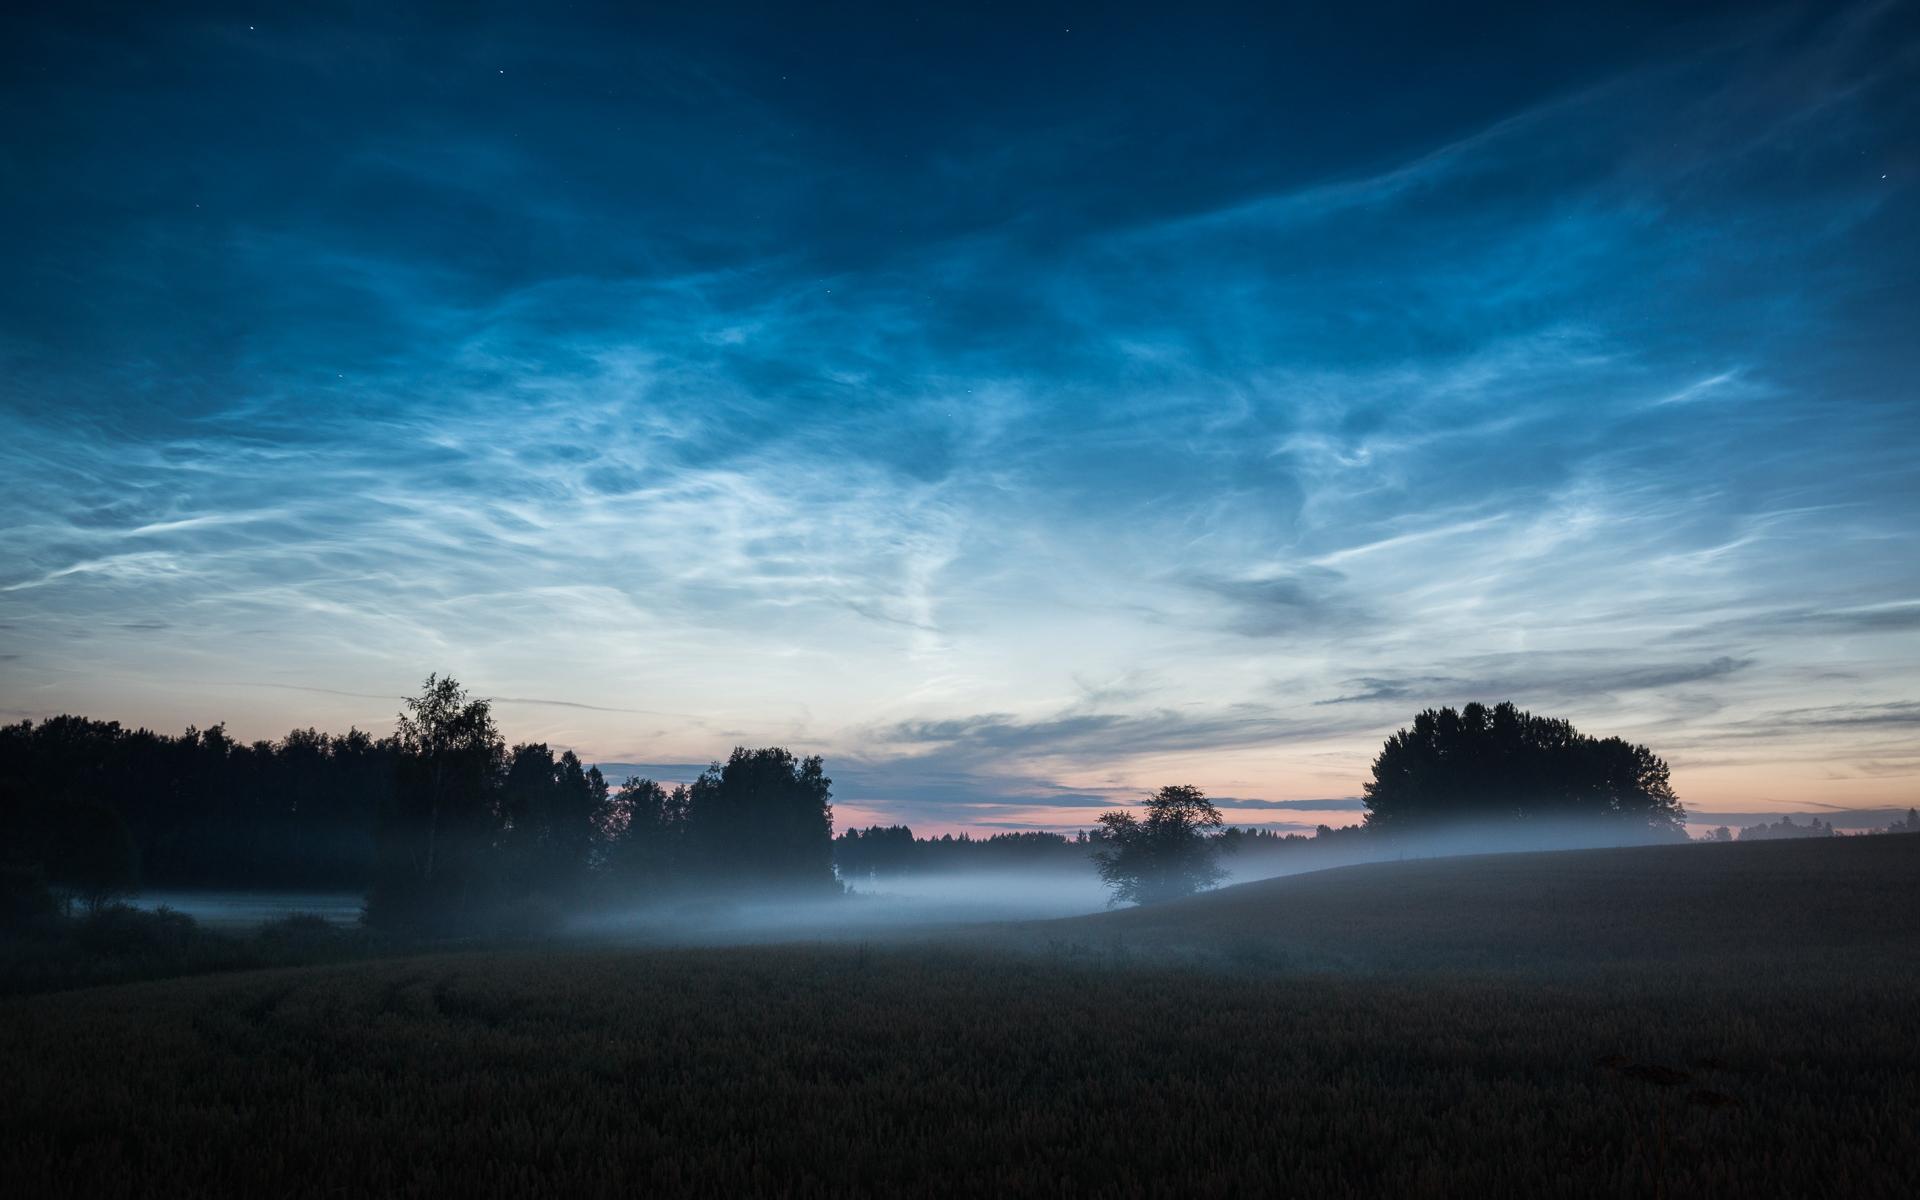 Night Sky Mist Trees Hills HD Wallpaper 1920x1200